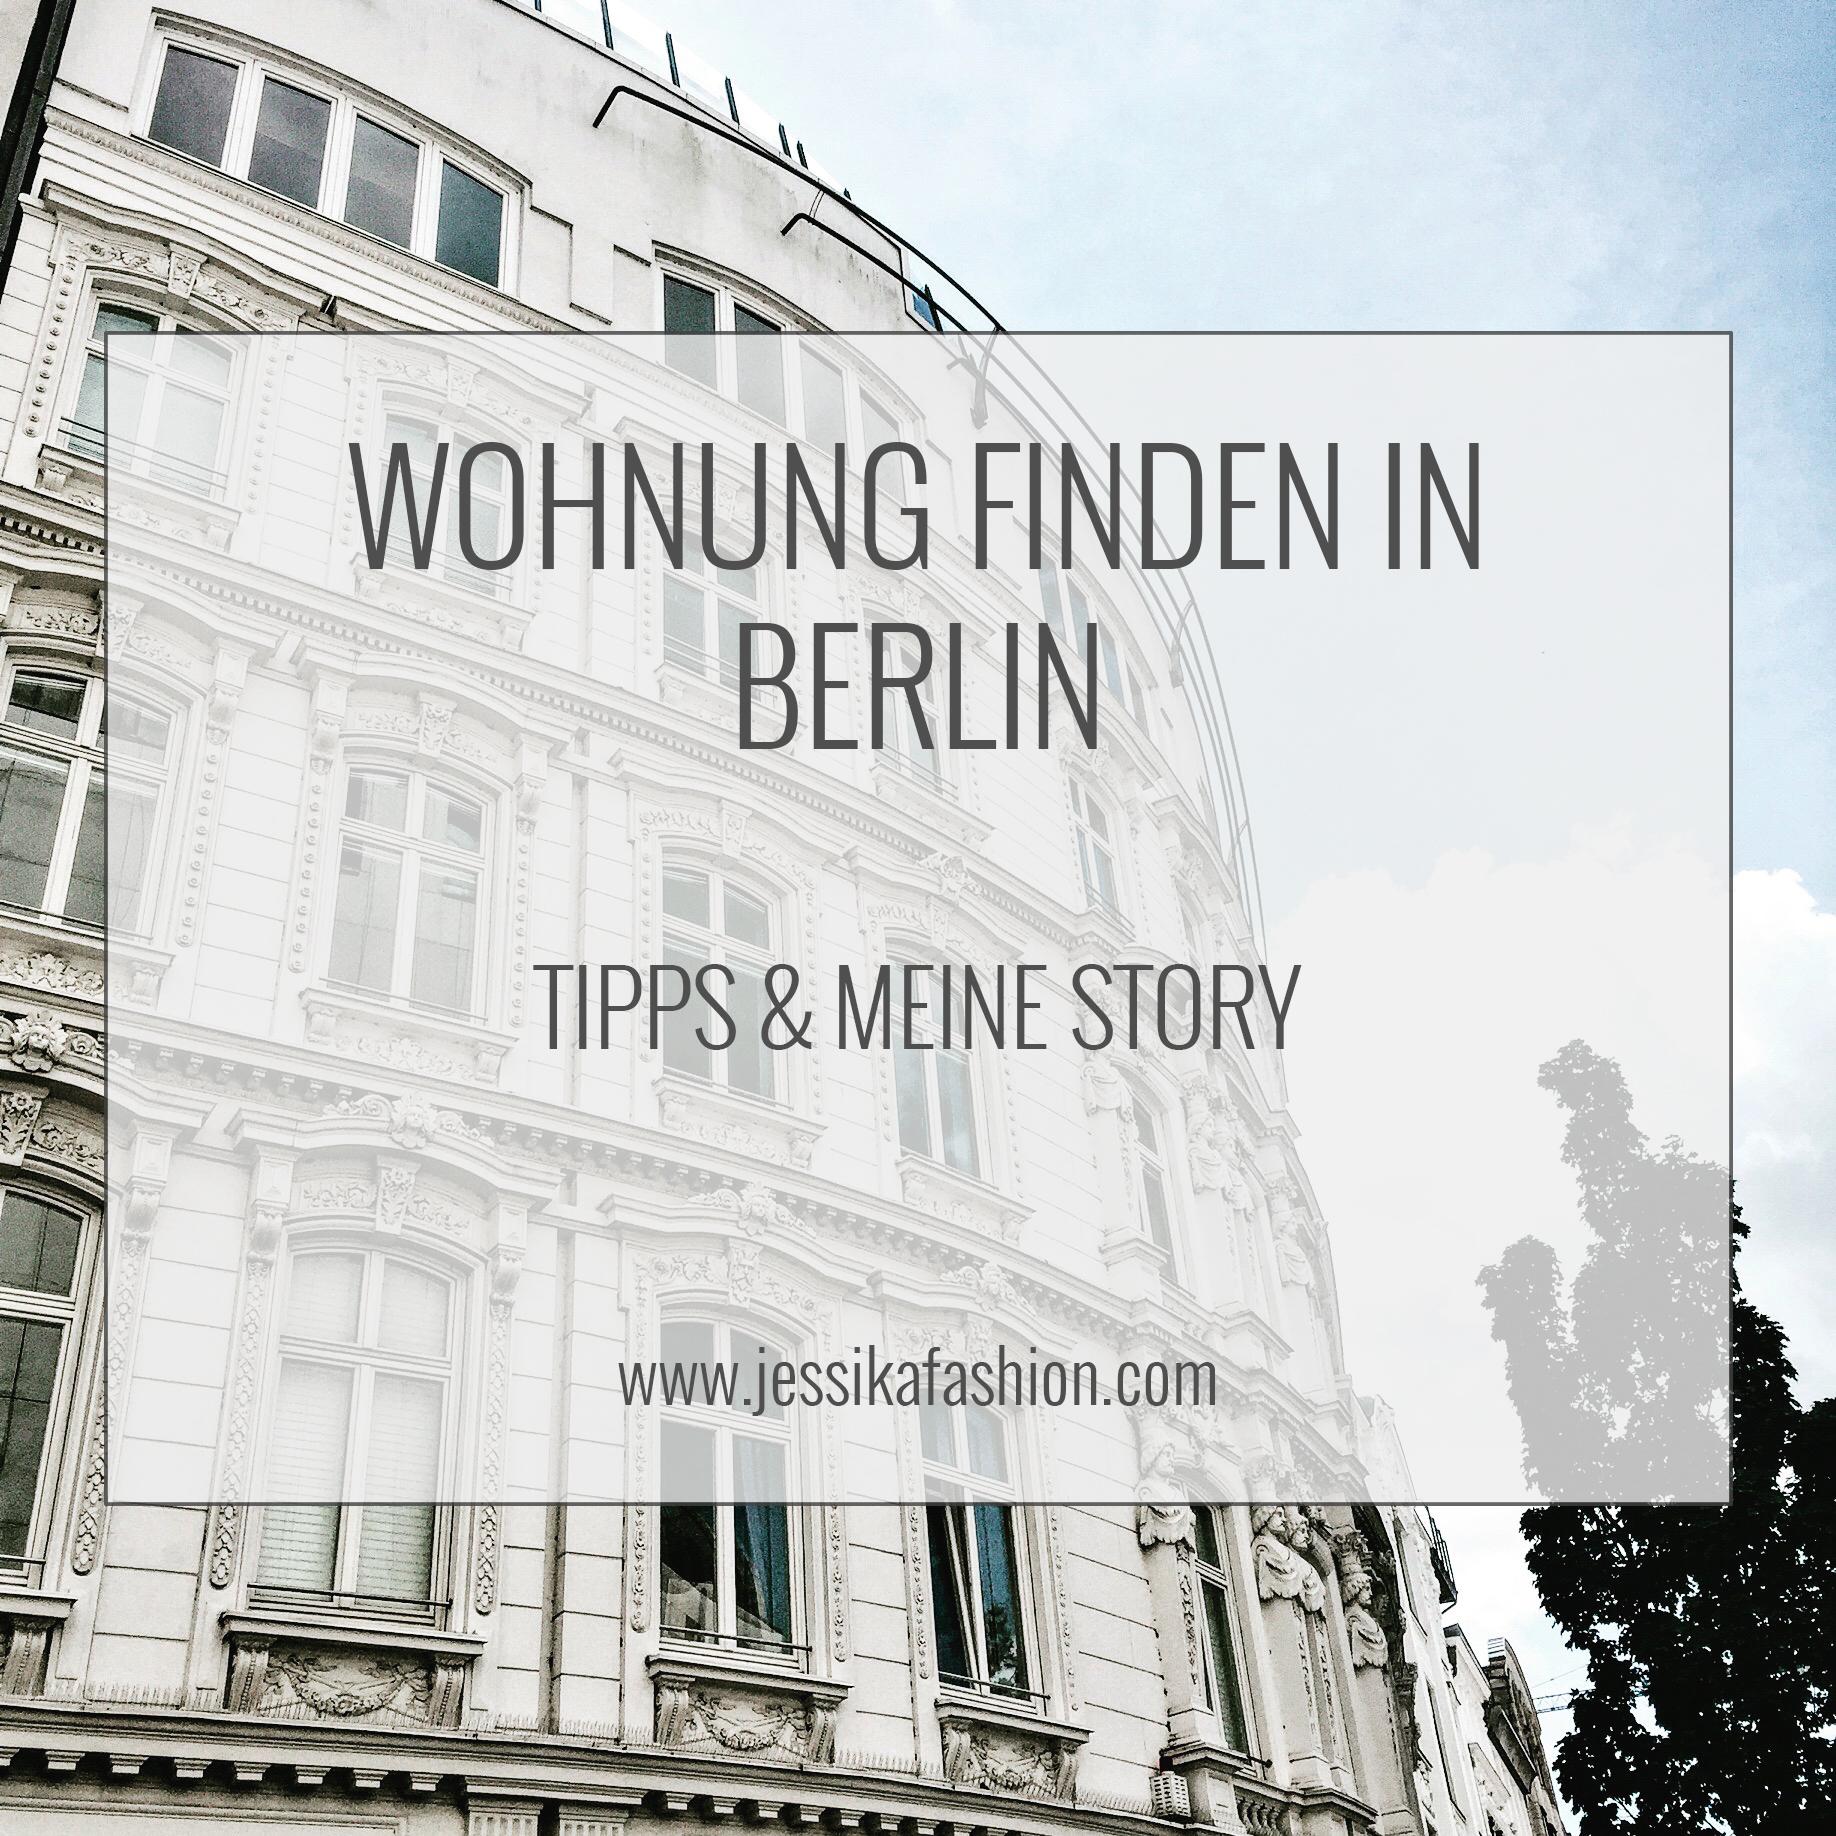 Wohnung finden in berlin mit diesen 8 tipps klappt 39 s for Wohnung finden